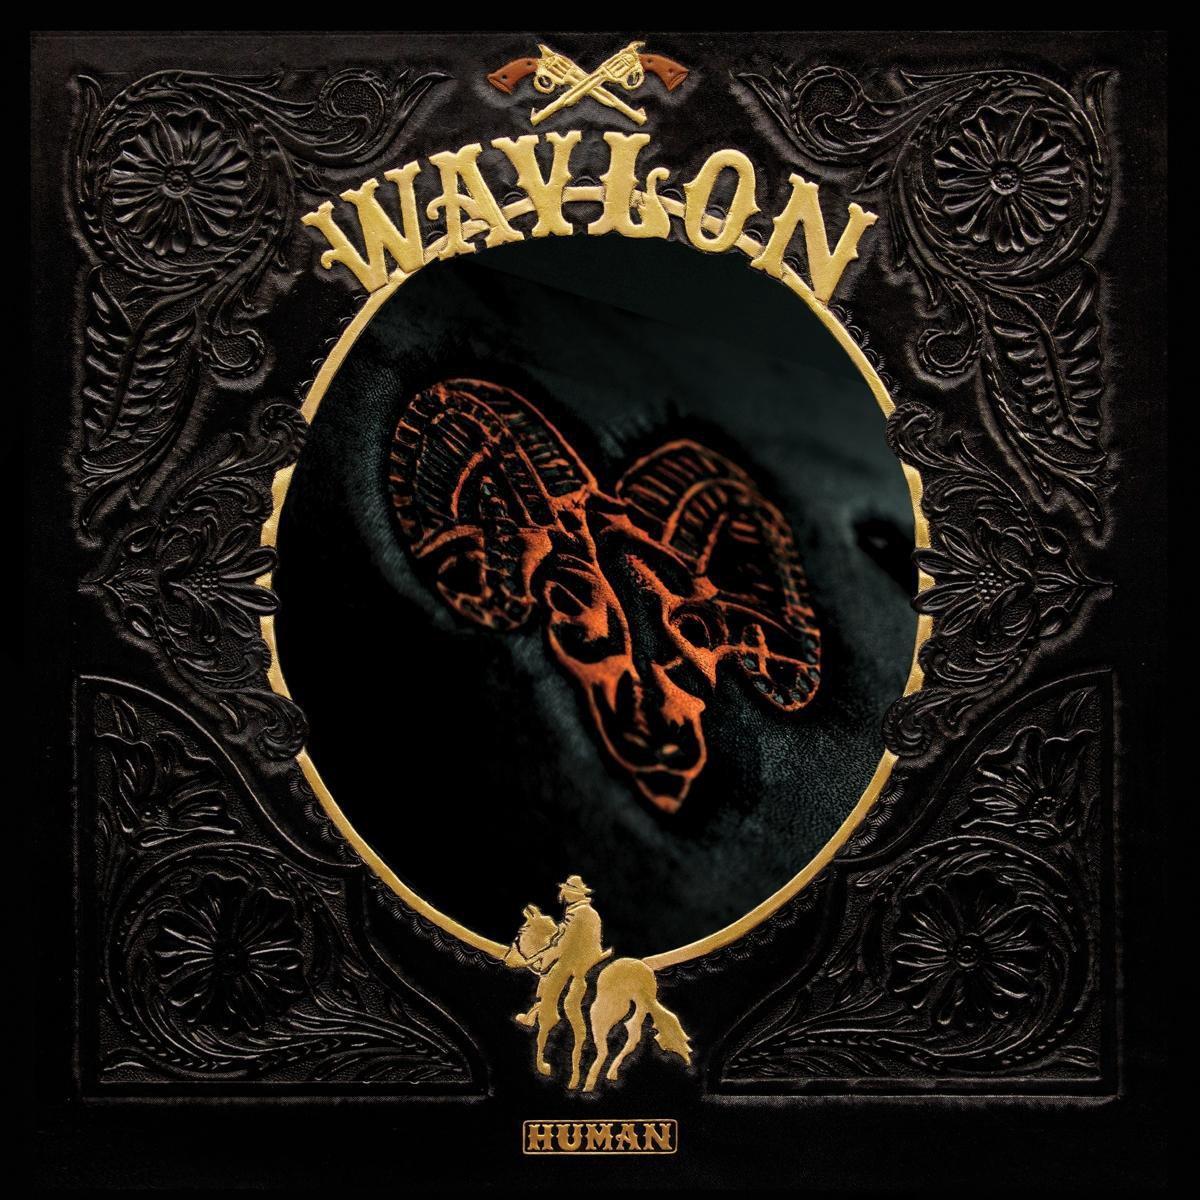 Human - Waylon